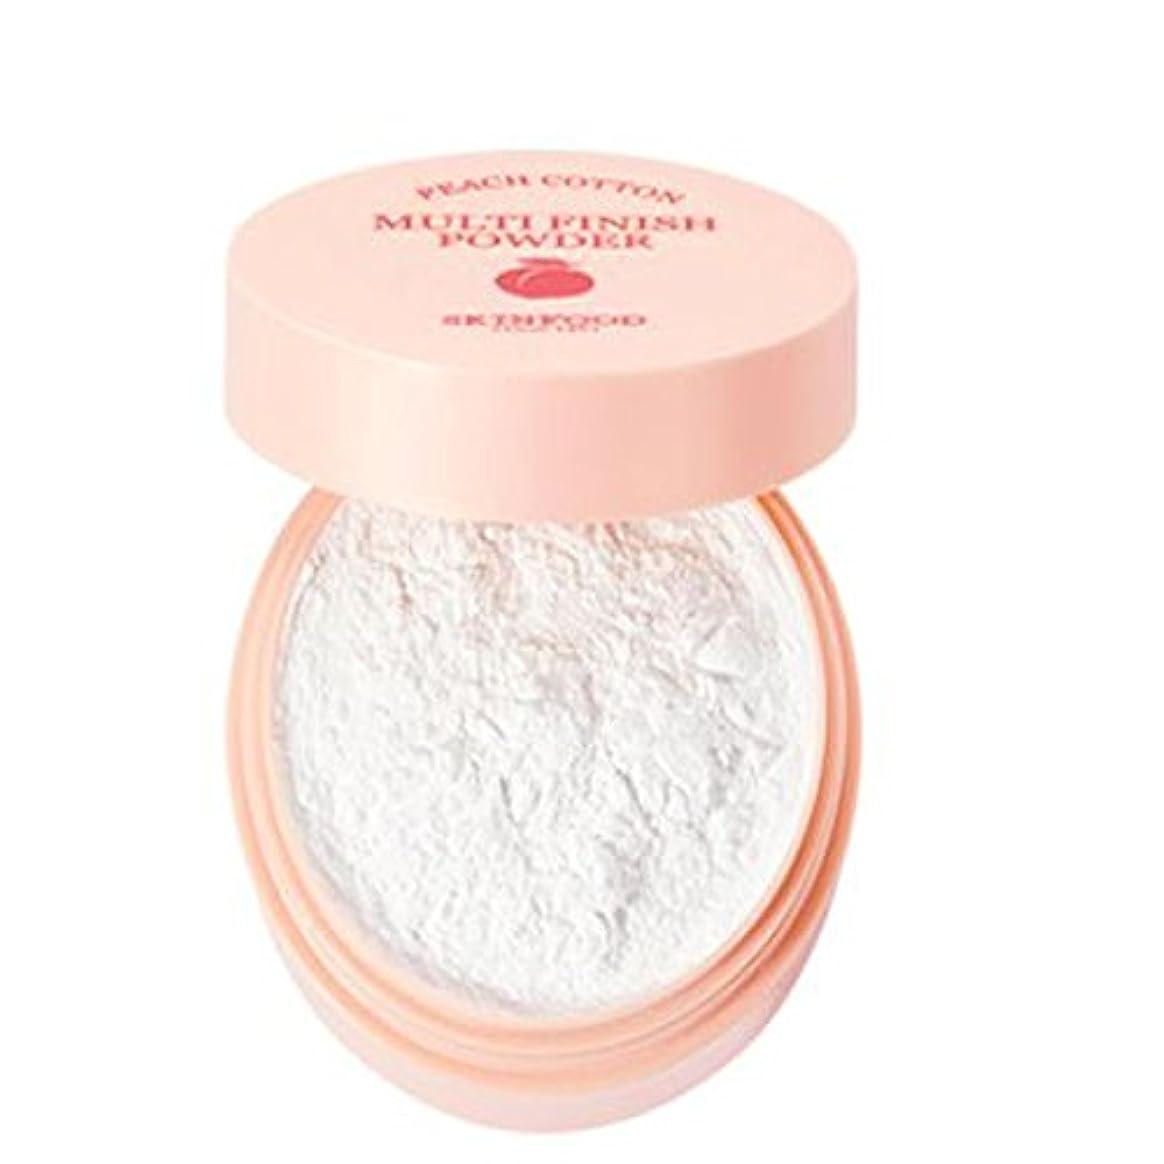 脱獄ピーブオーロック[SKINFOOD] Peach Cotton Multi Finish Powder ピッチサラッとマルチフィニッシュパウダー - 5g